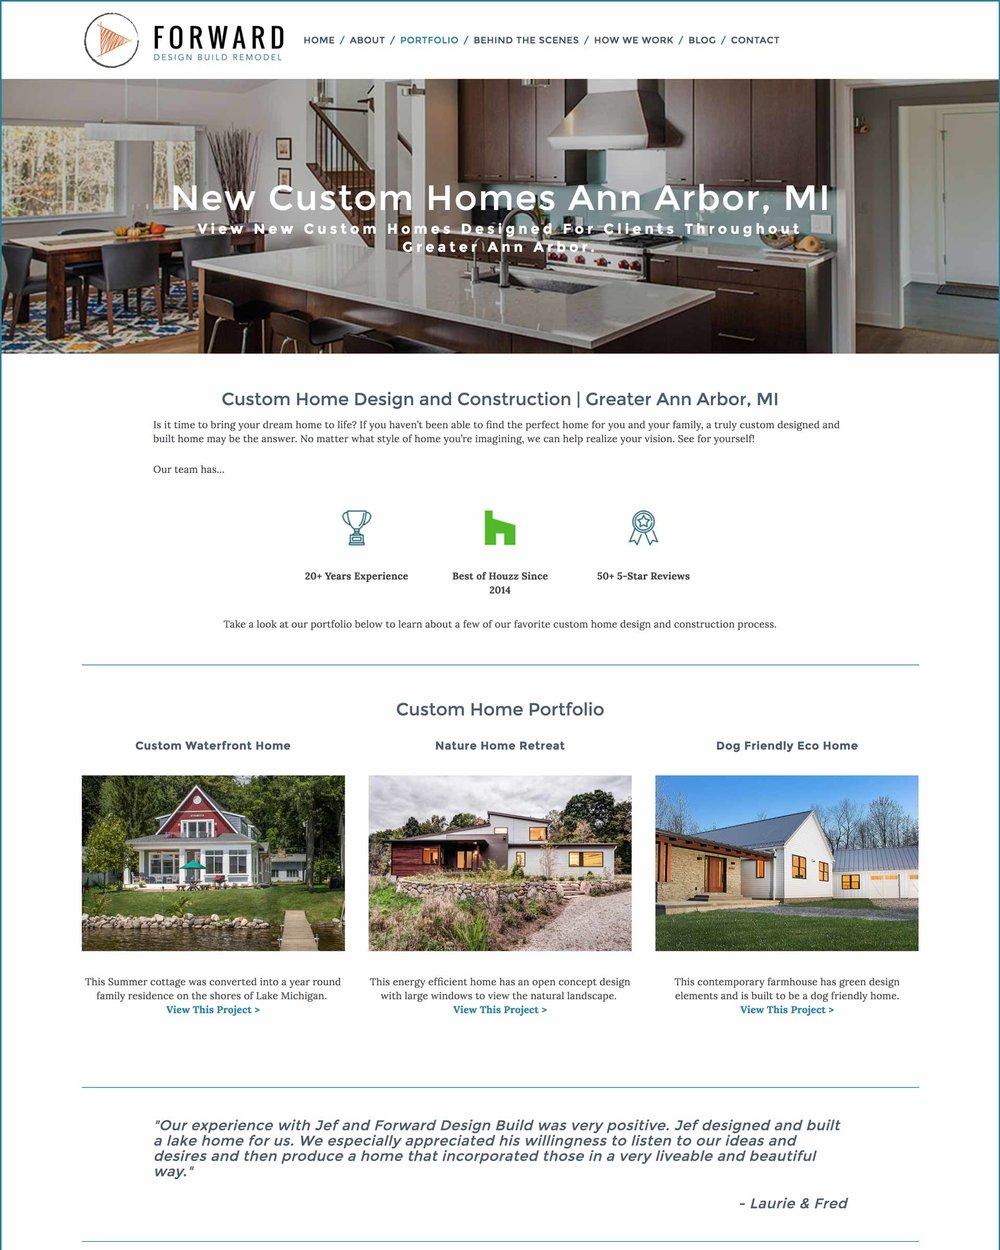 Squarespace Website Design For Forward Design Build Remodel